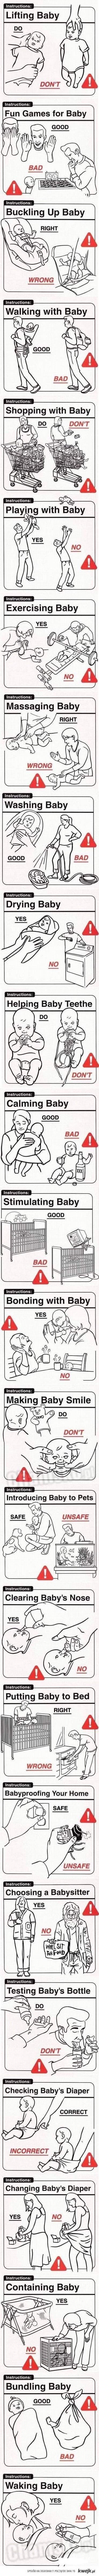 Instrukcja wychowania dzieci :)